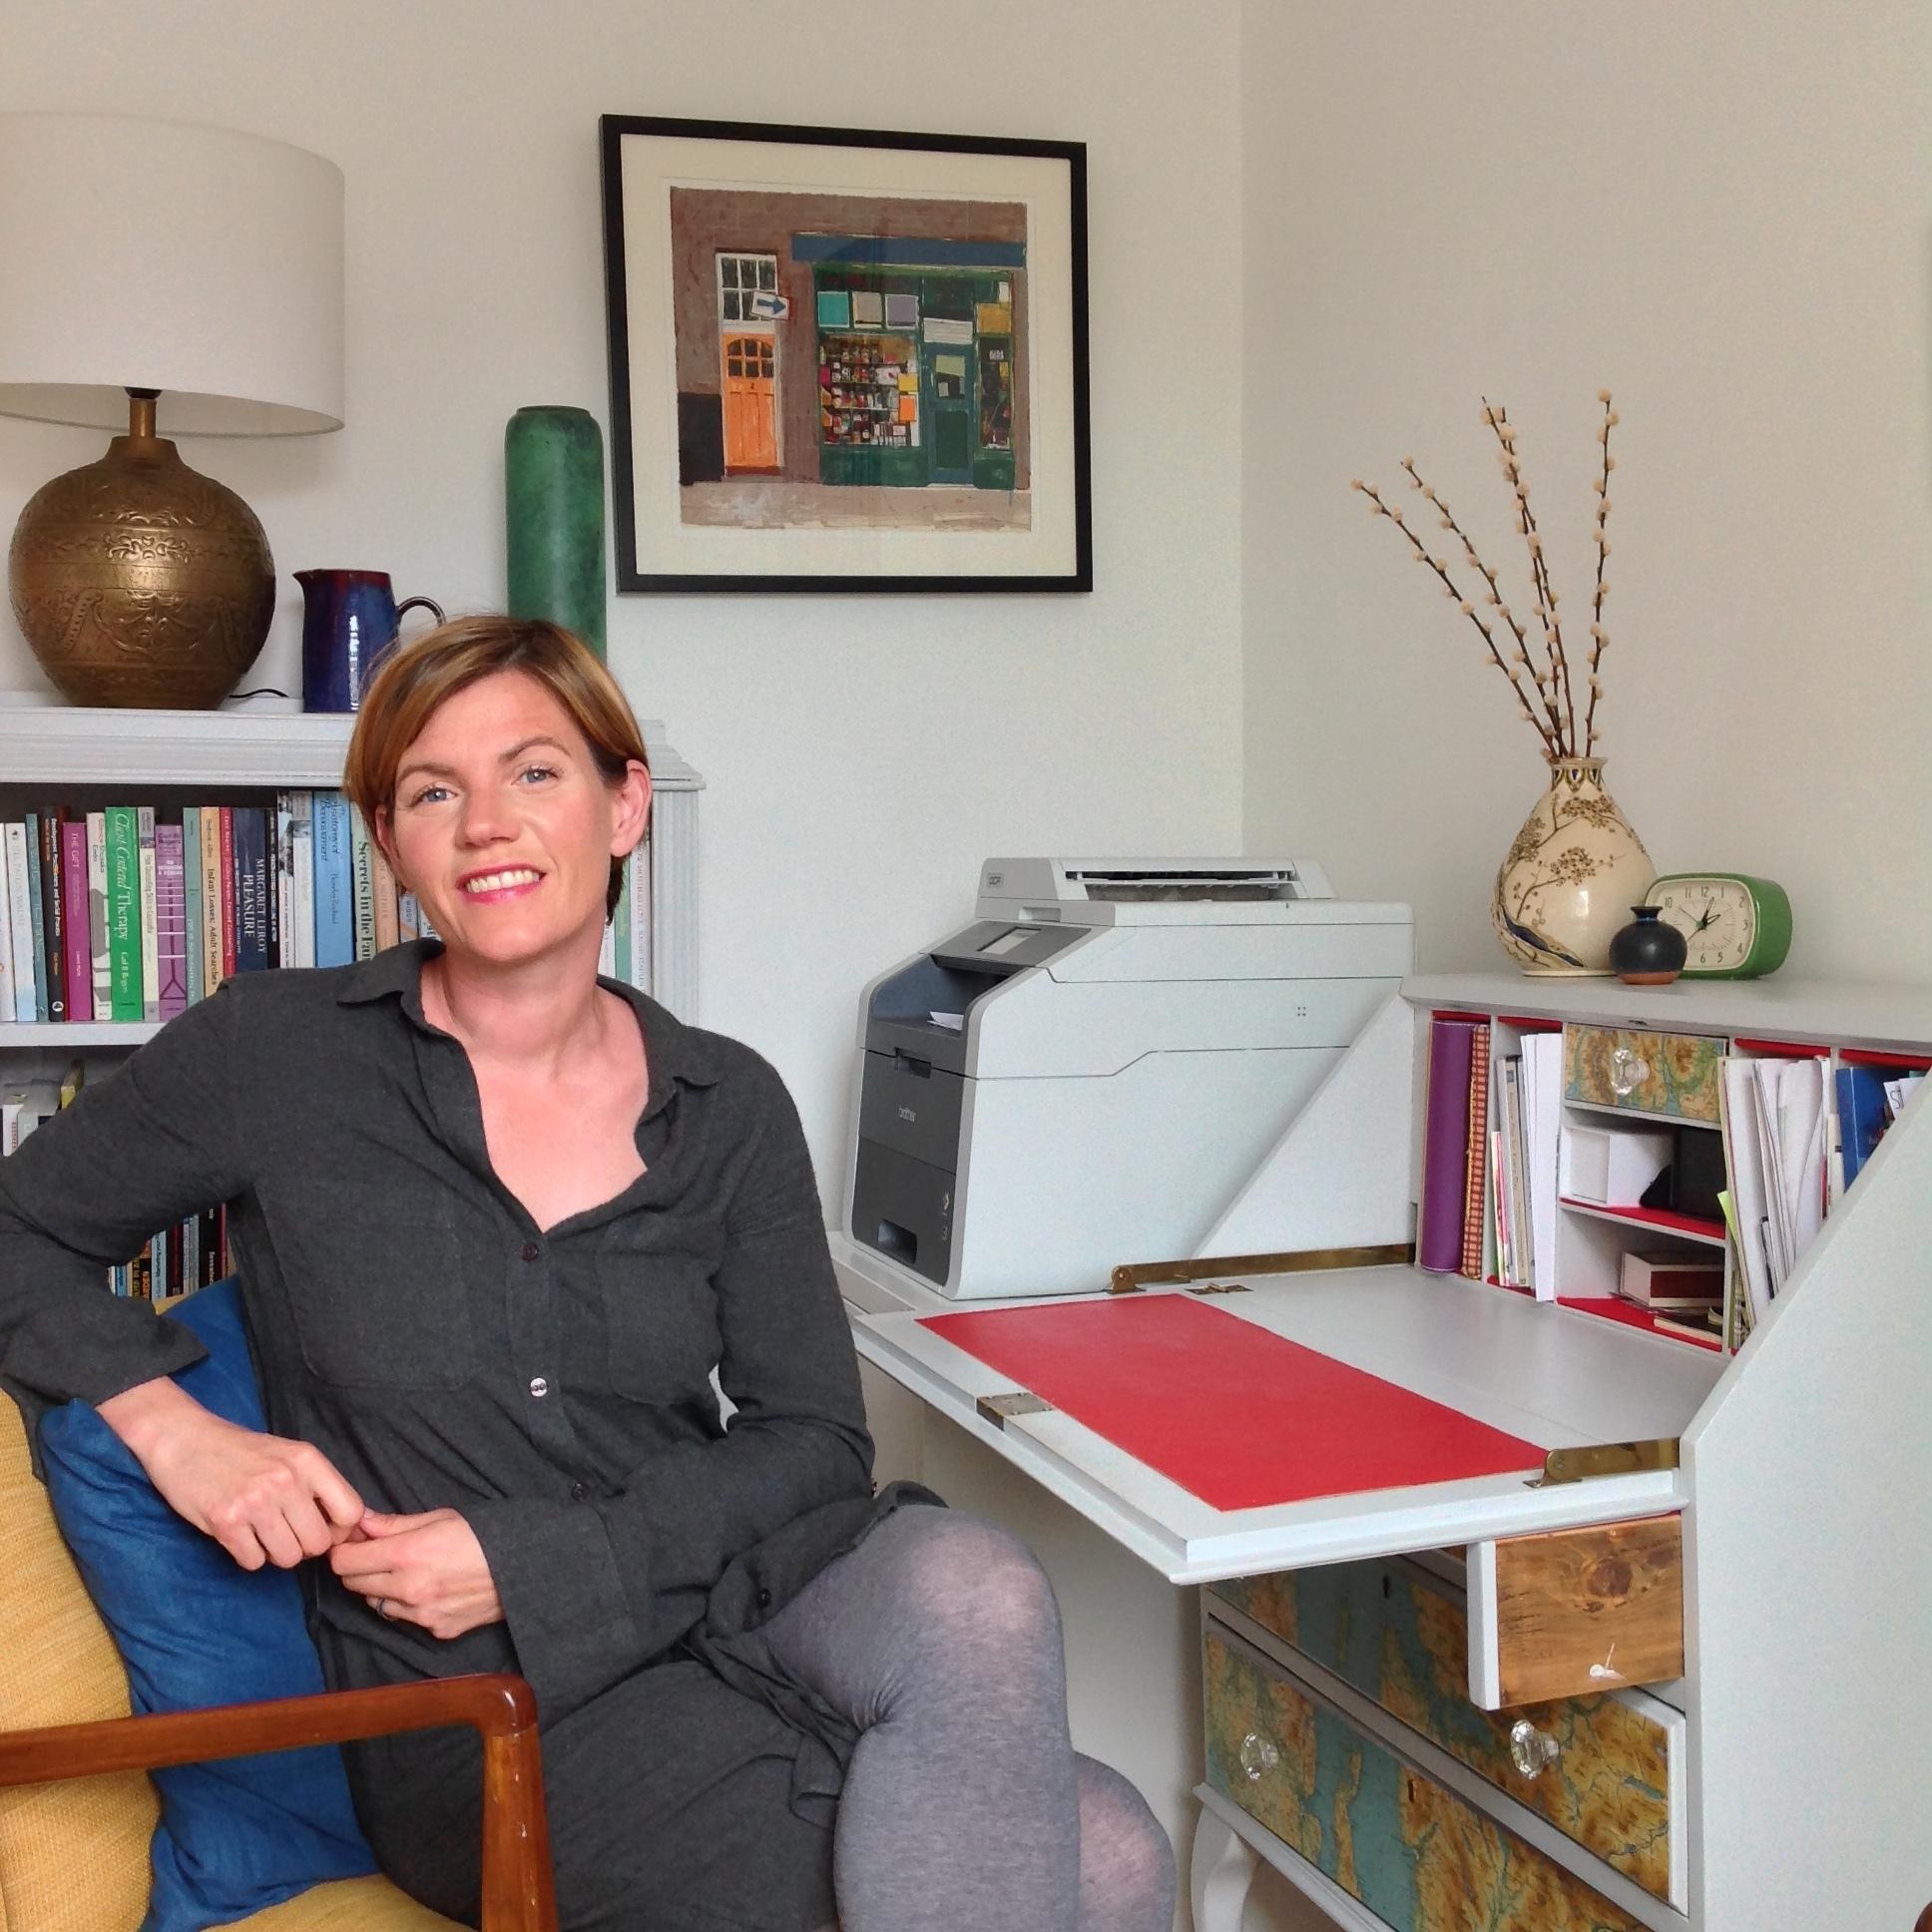 Sarah Wheatley